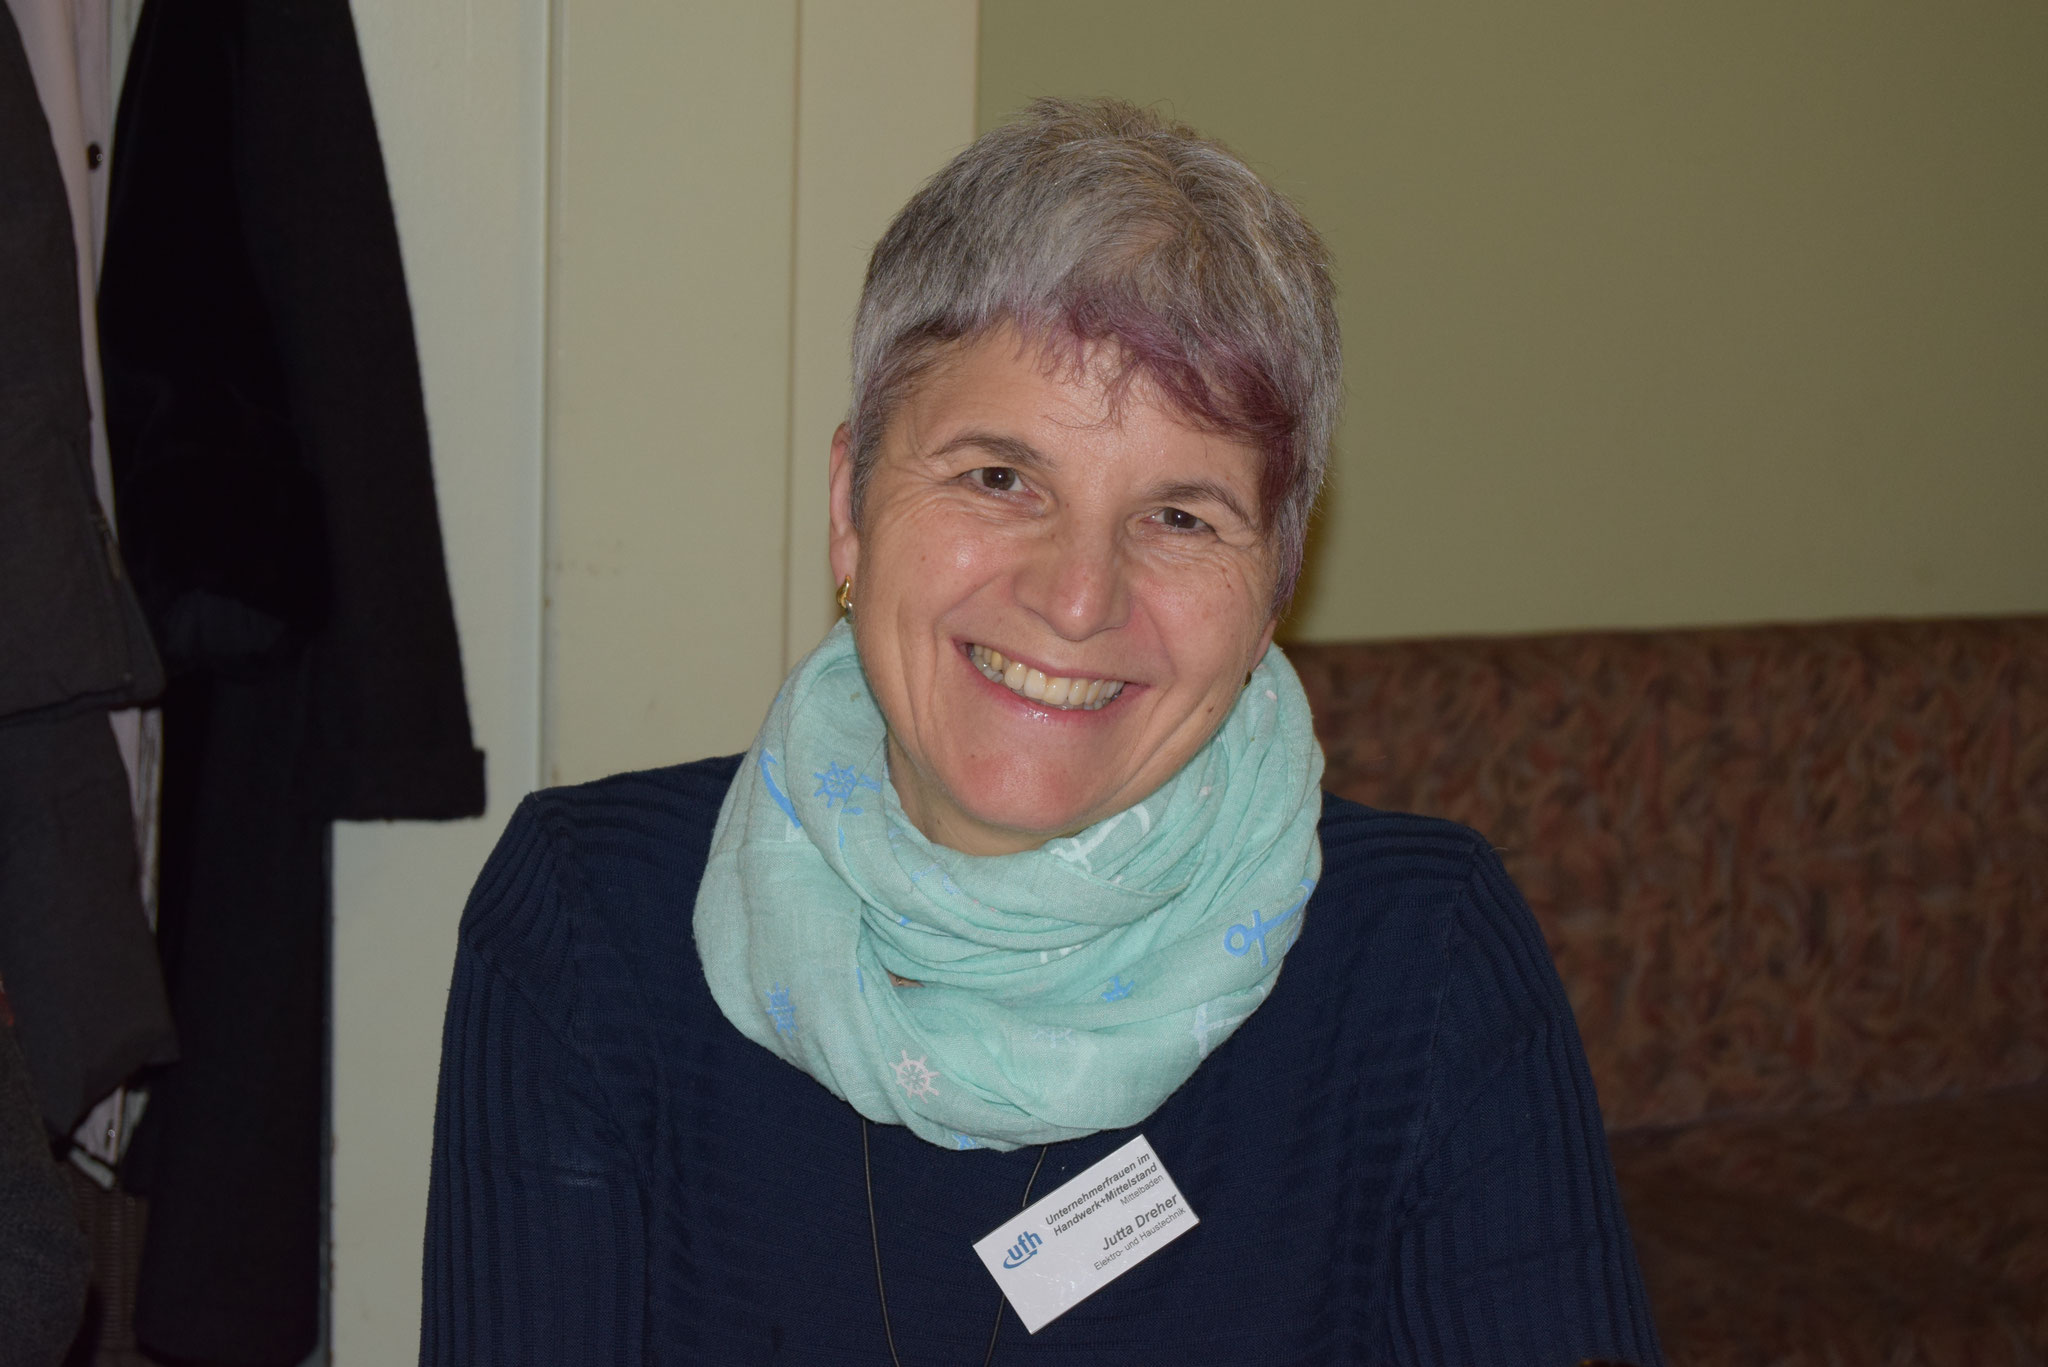 01-17 zum ersten Mal dabei: unser neues Mitglied Frau Dreher